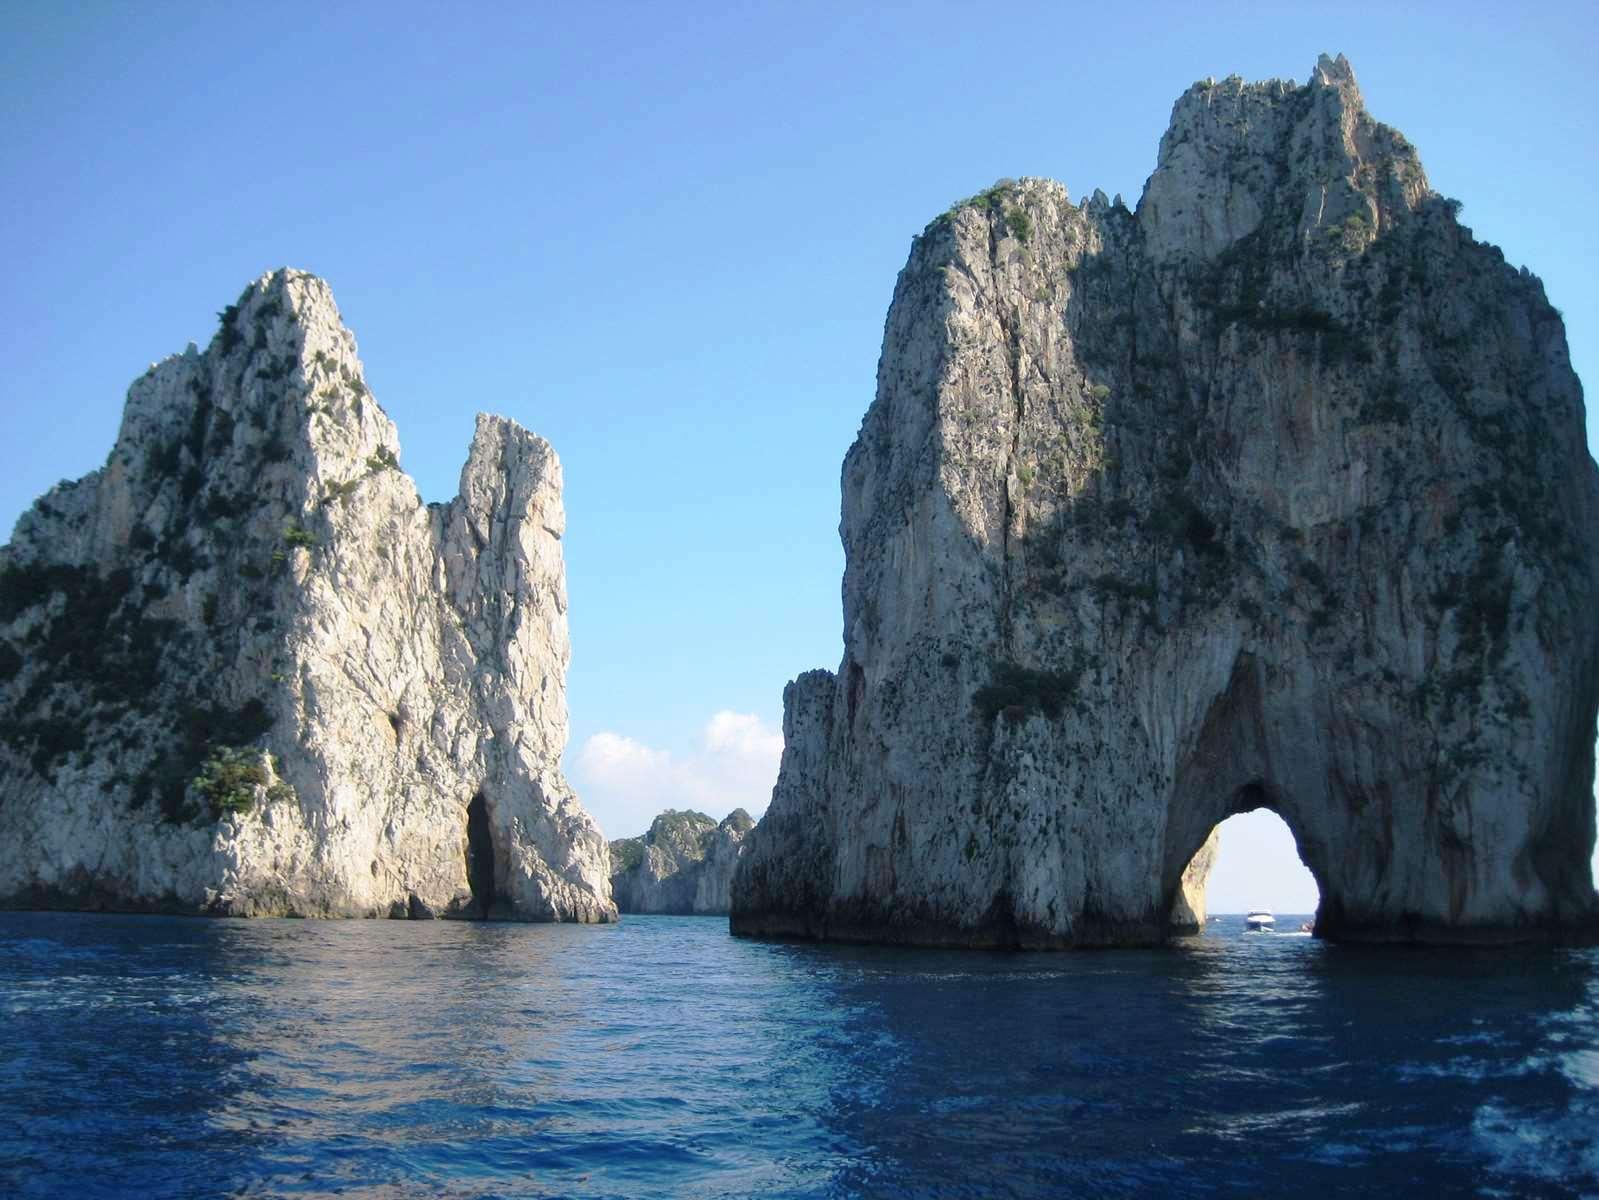 Italie-Capri Arche de l'Amour